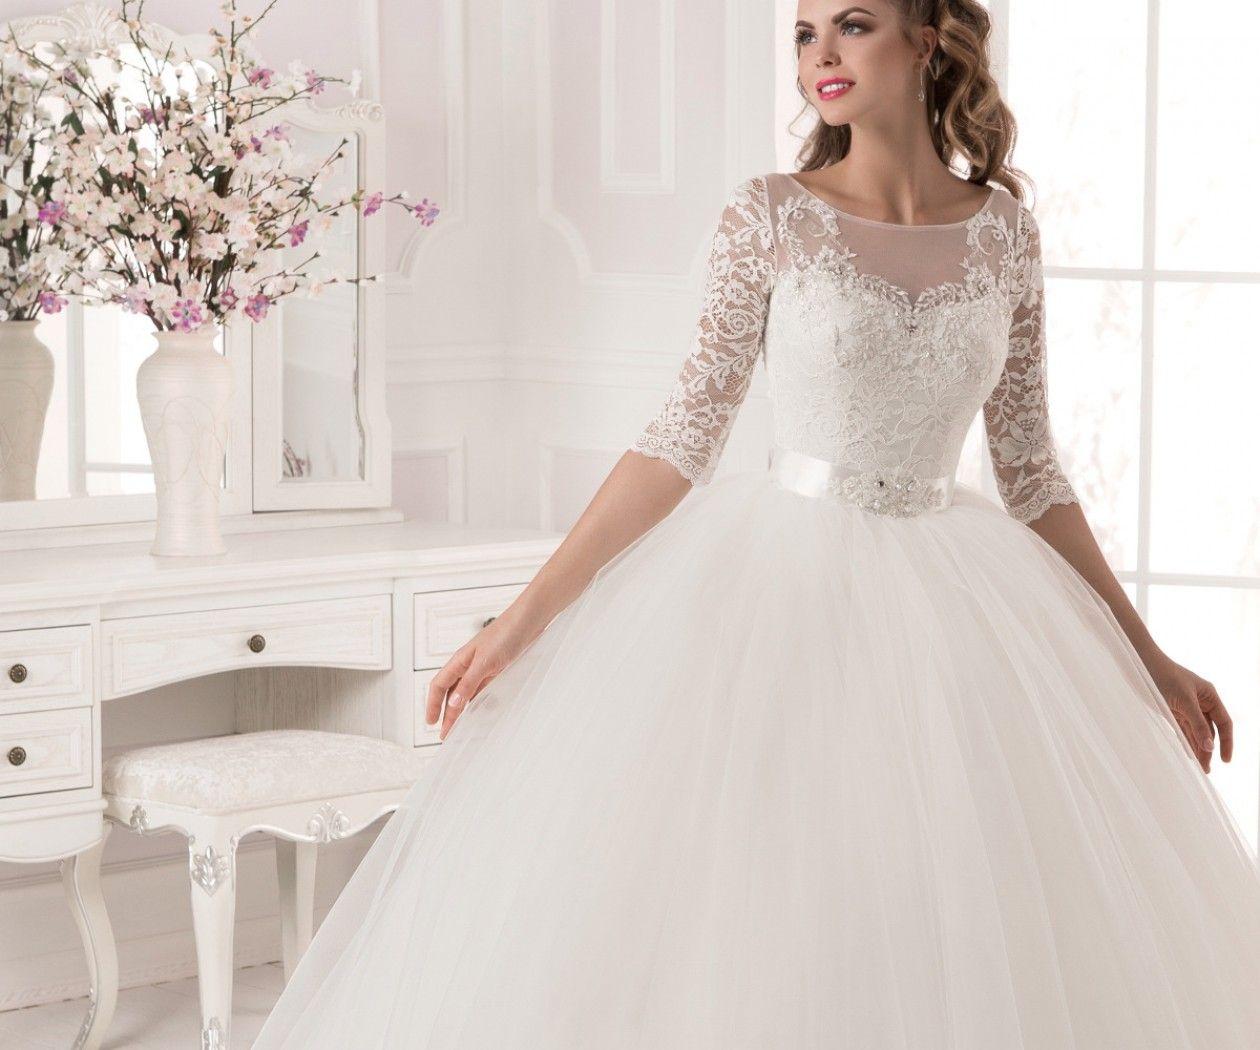 закрытые пышные свадебные платья картинки отправились дмитровский автополигон